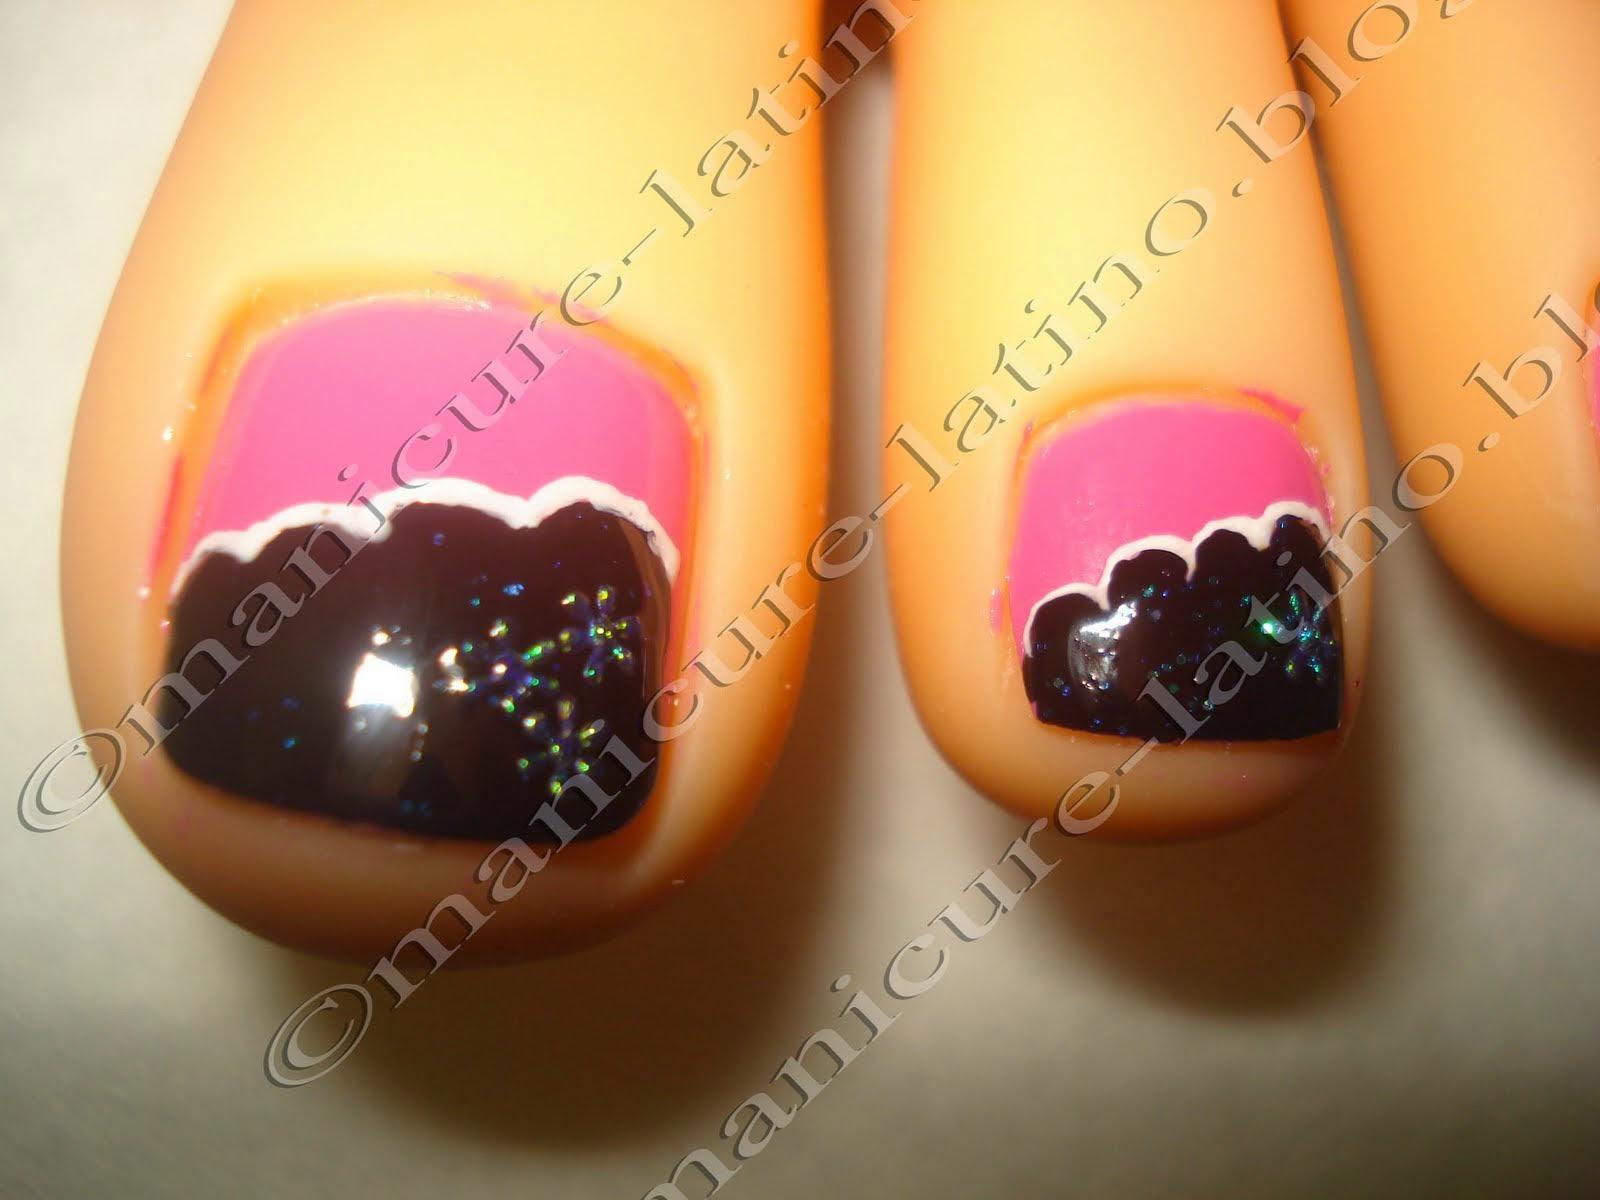 Diseño para uñas de los pies Toe nail design